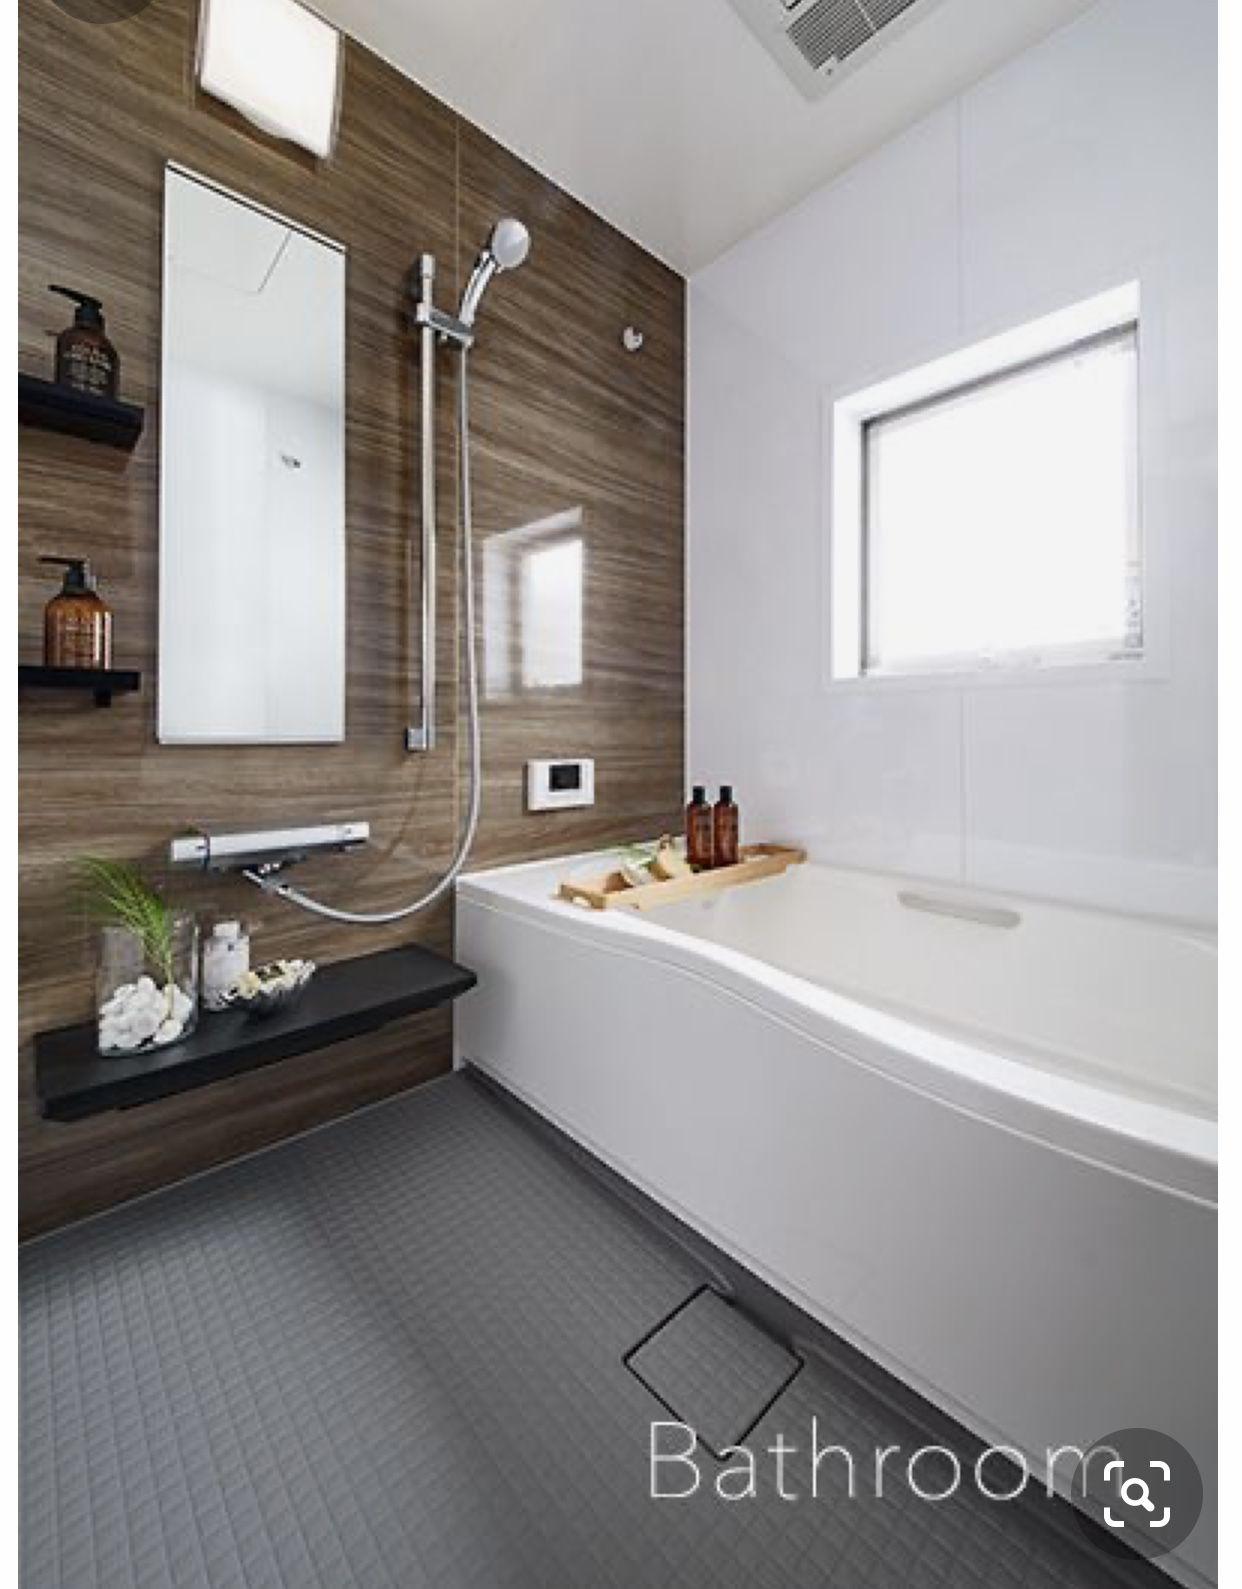 お風呂カラー お風呂 インテリア バスルーム おしゃれ 浴室 インテリア